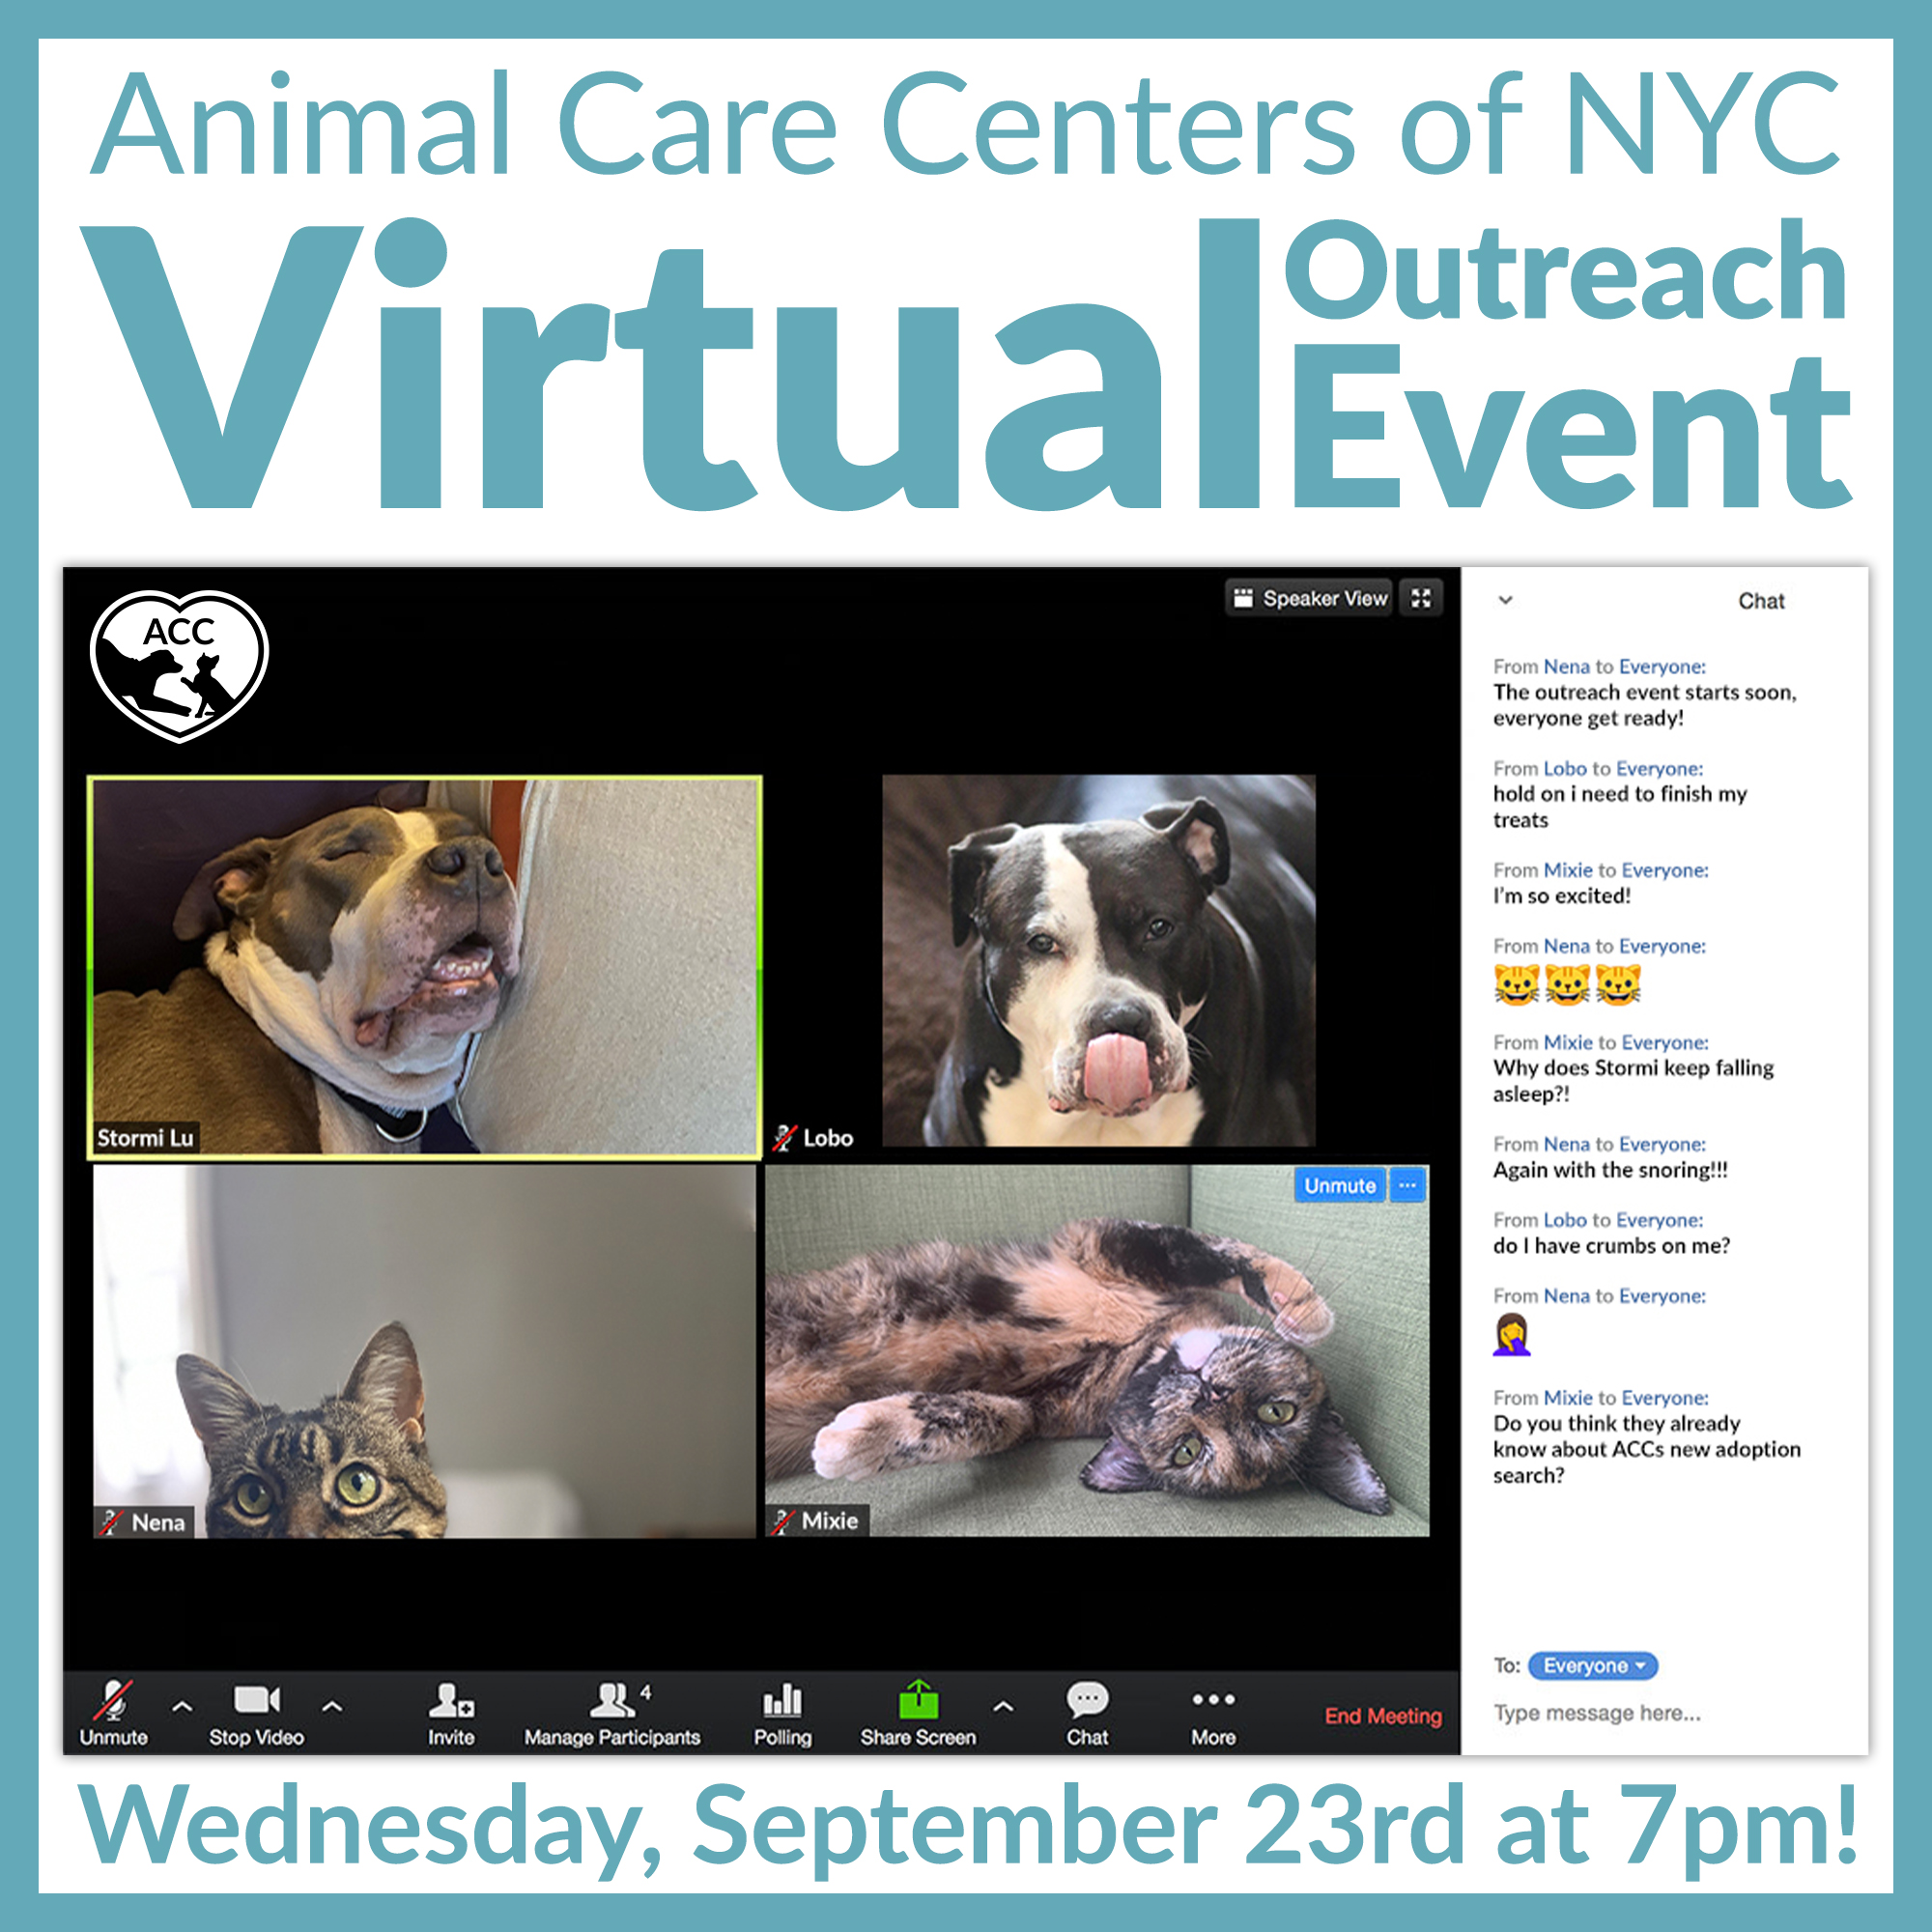 Virtual Outreach Event